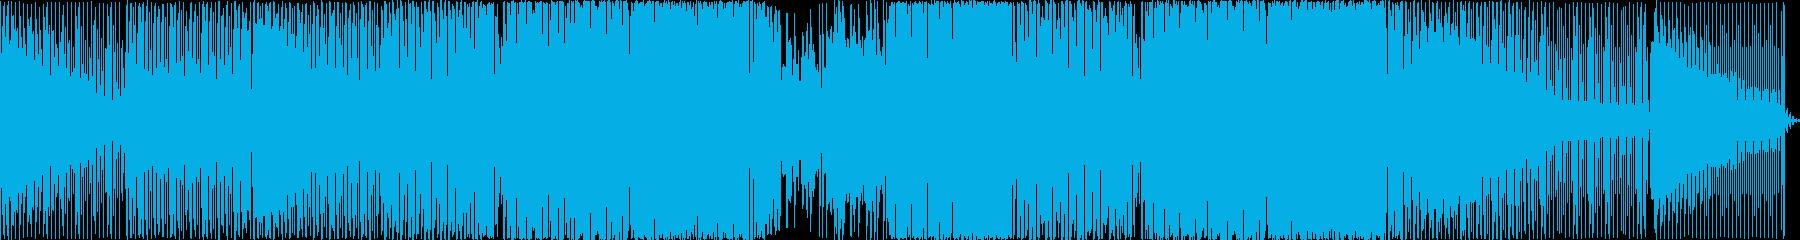 エドムとプログレッシブ。の再生済みの波形